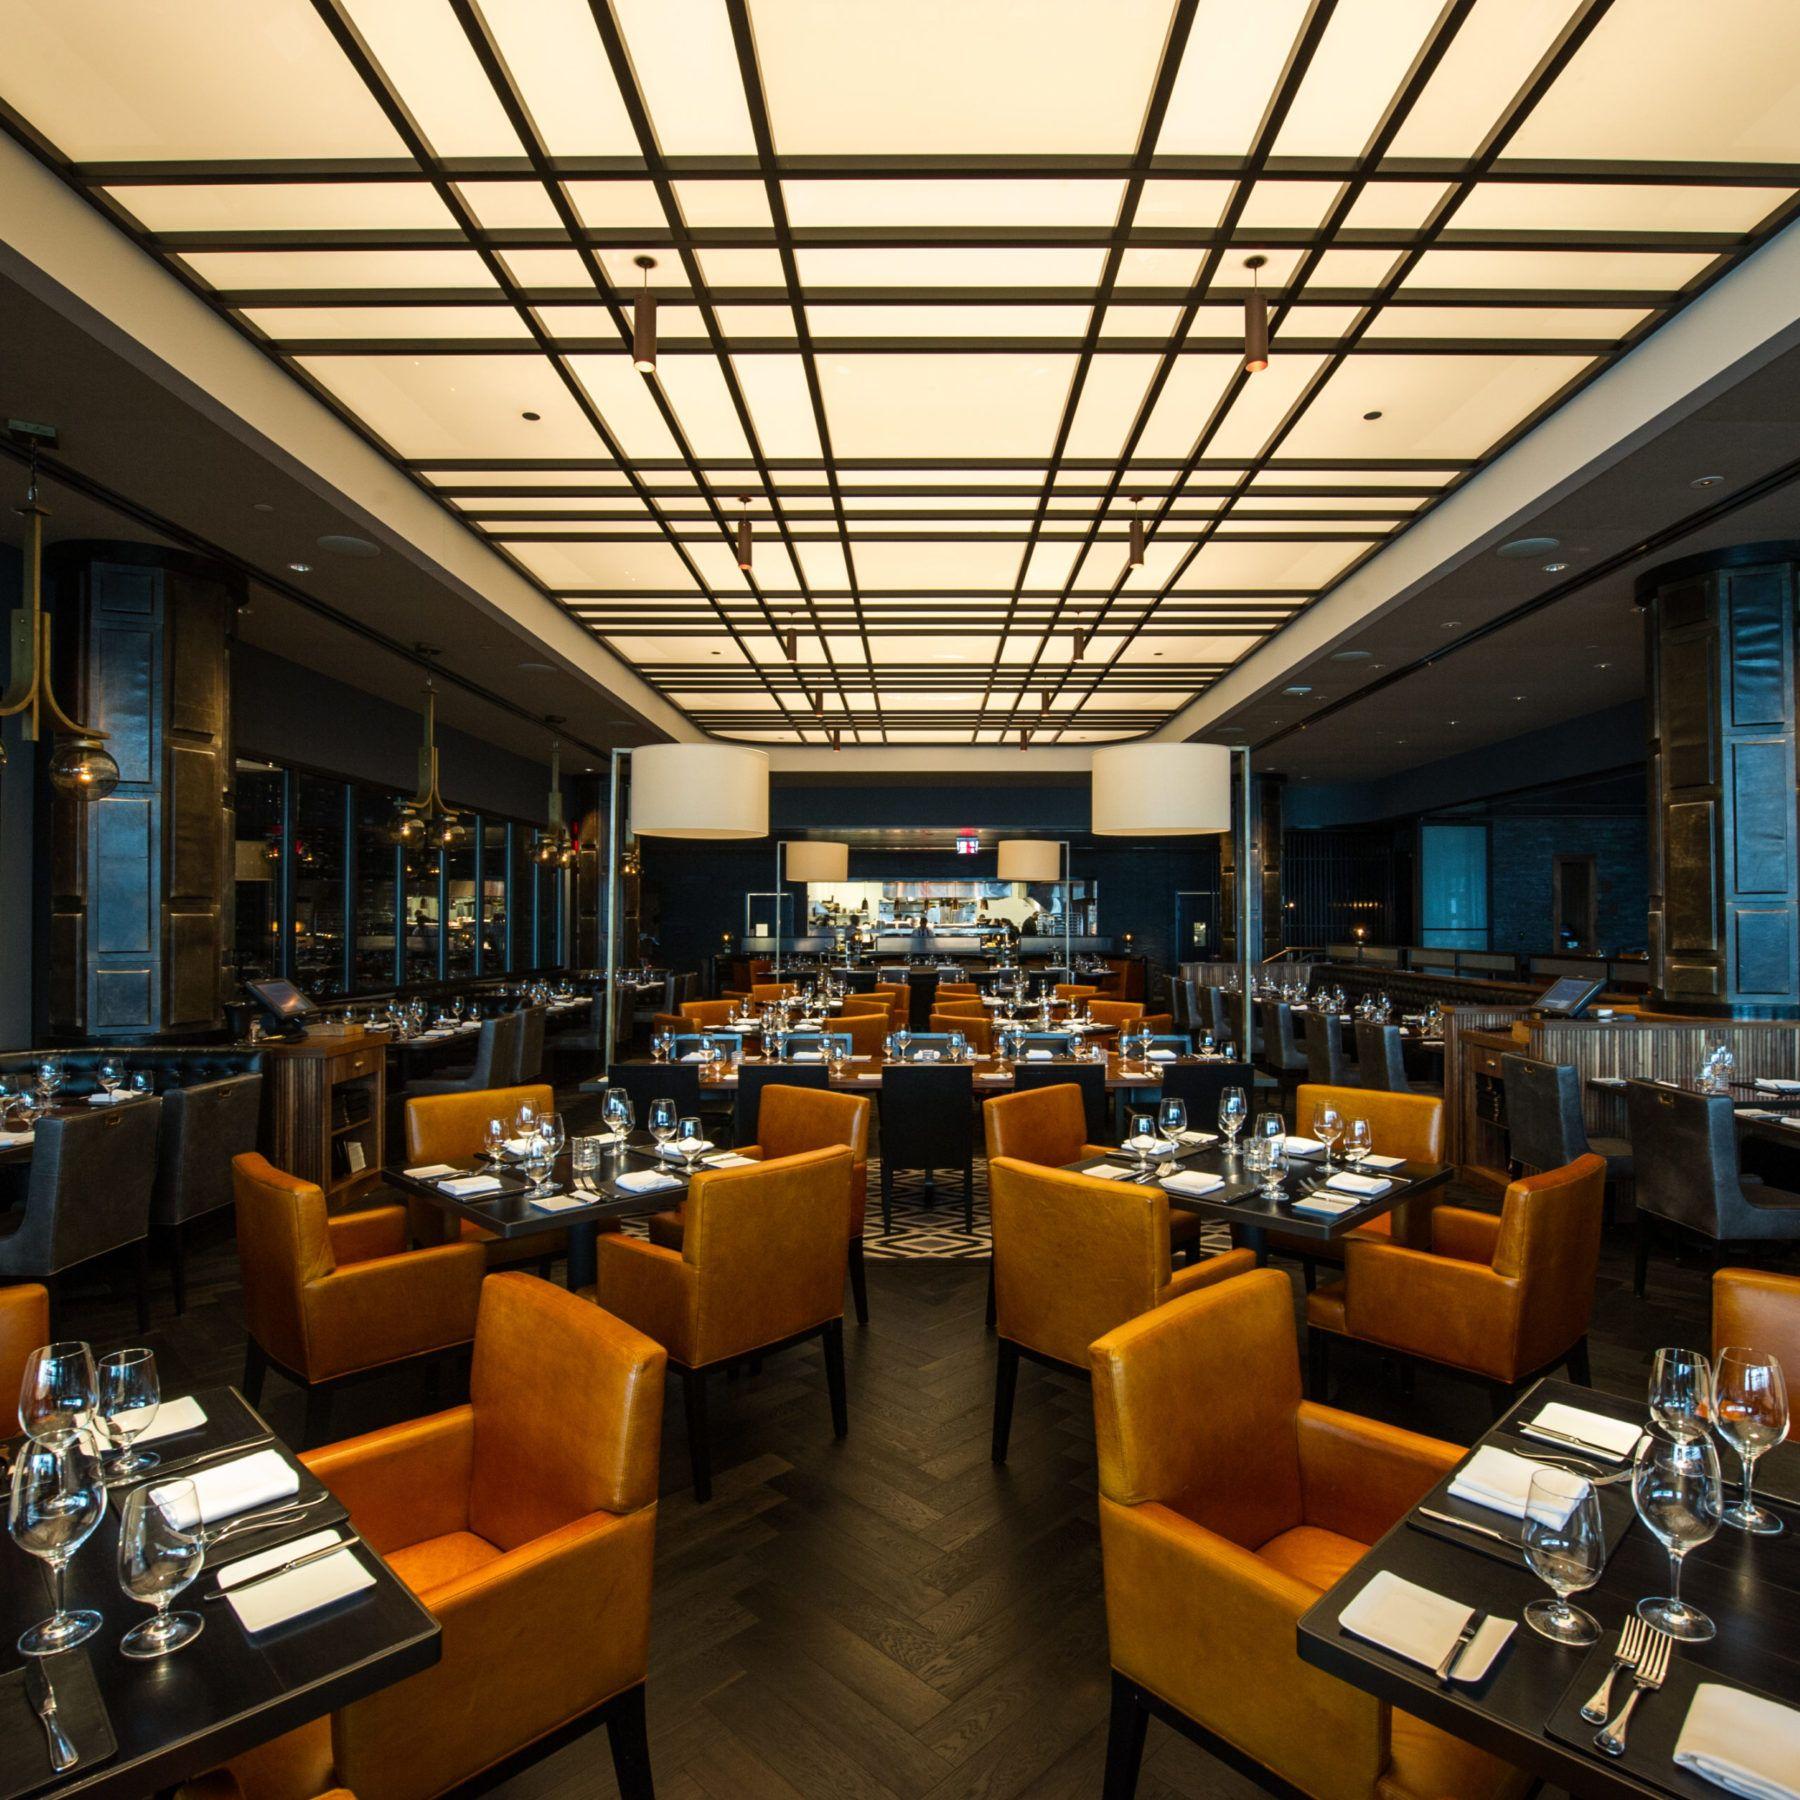 American Cut Interior of Restaurant